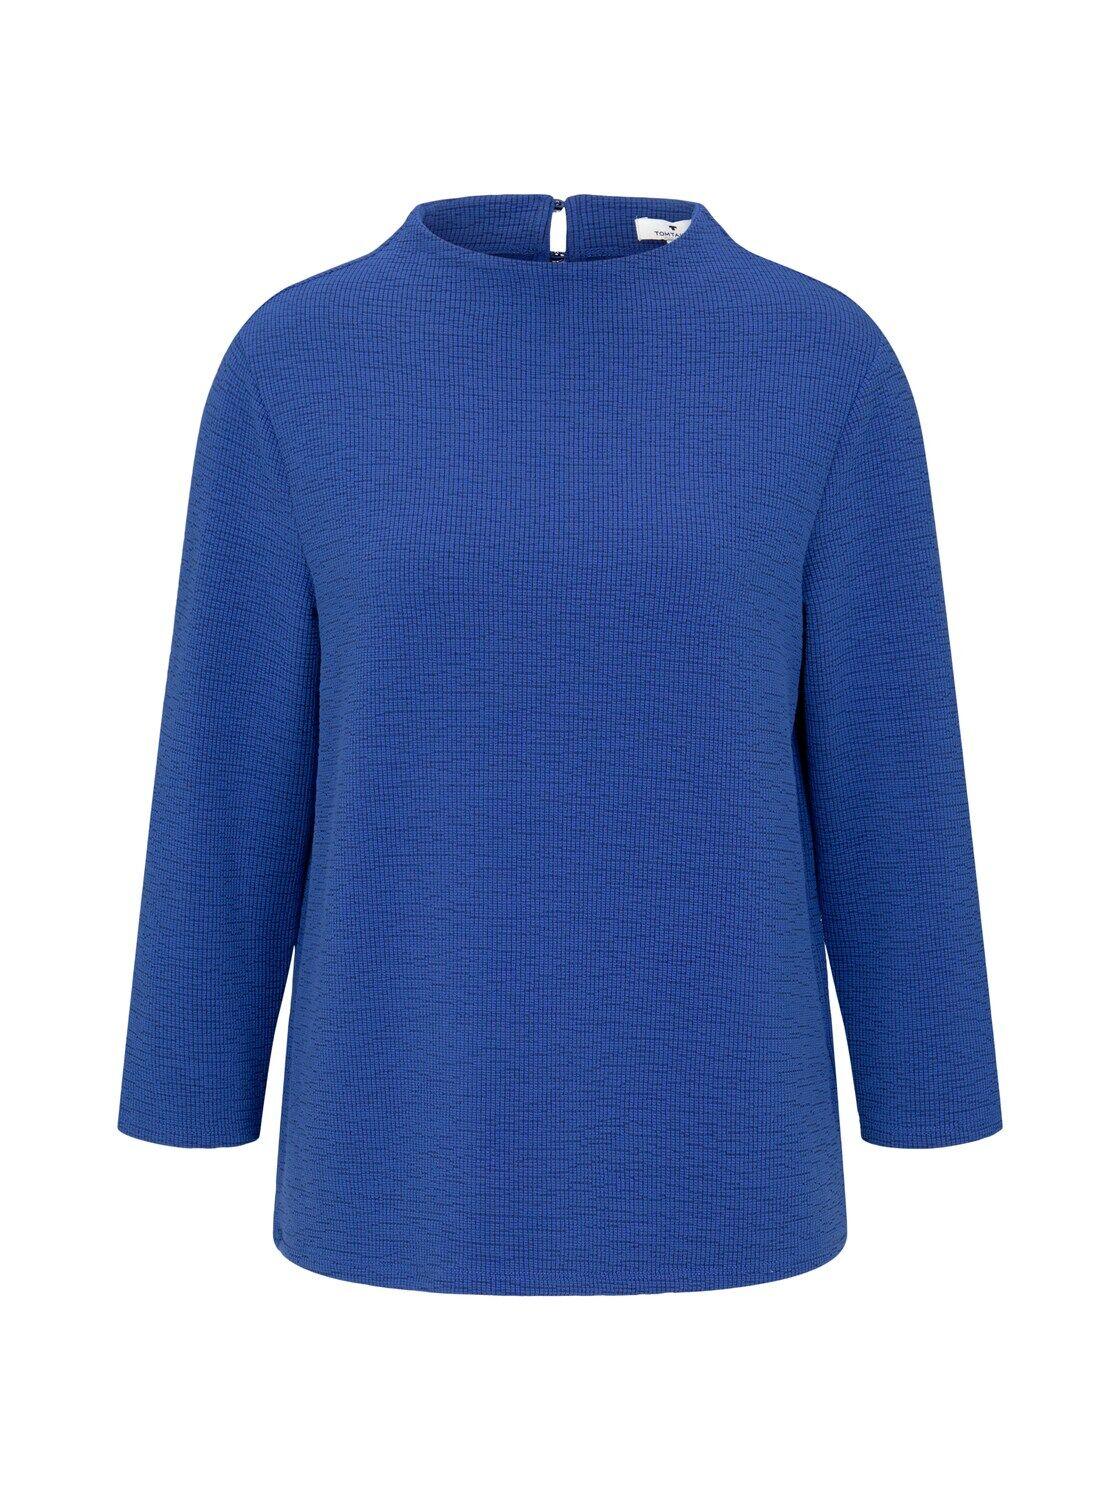 TOM TAILOR Damen Strukturiertes Stehkragen Shirt, blau, Gr.M